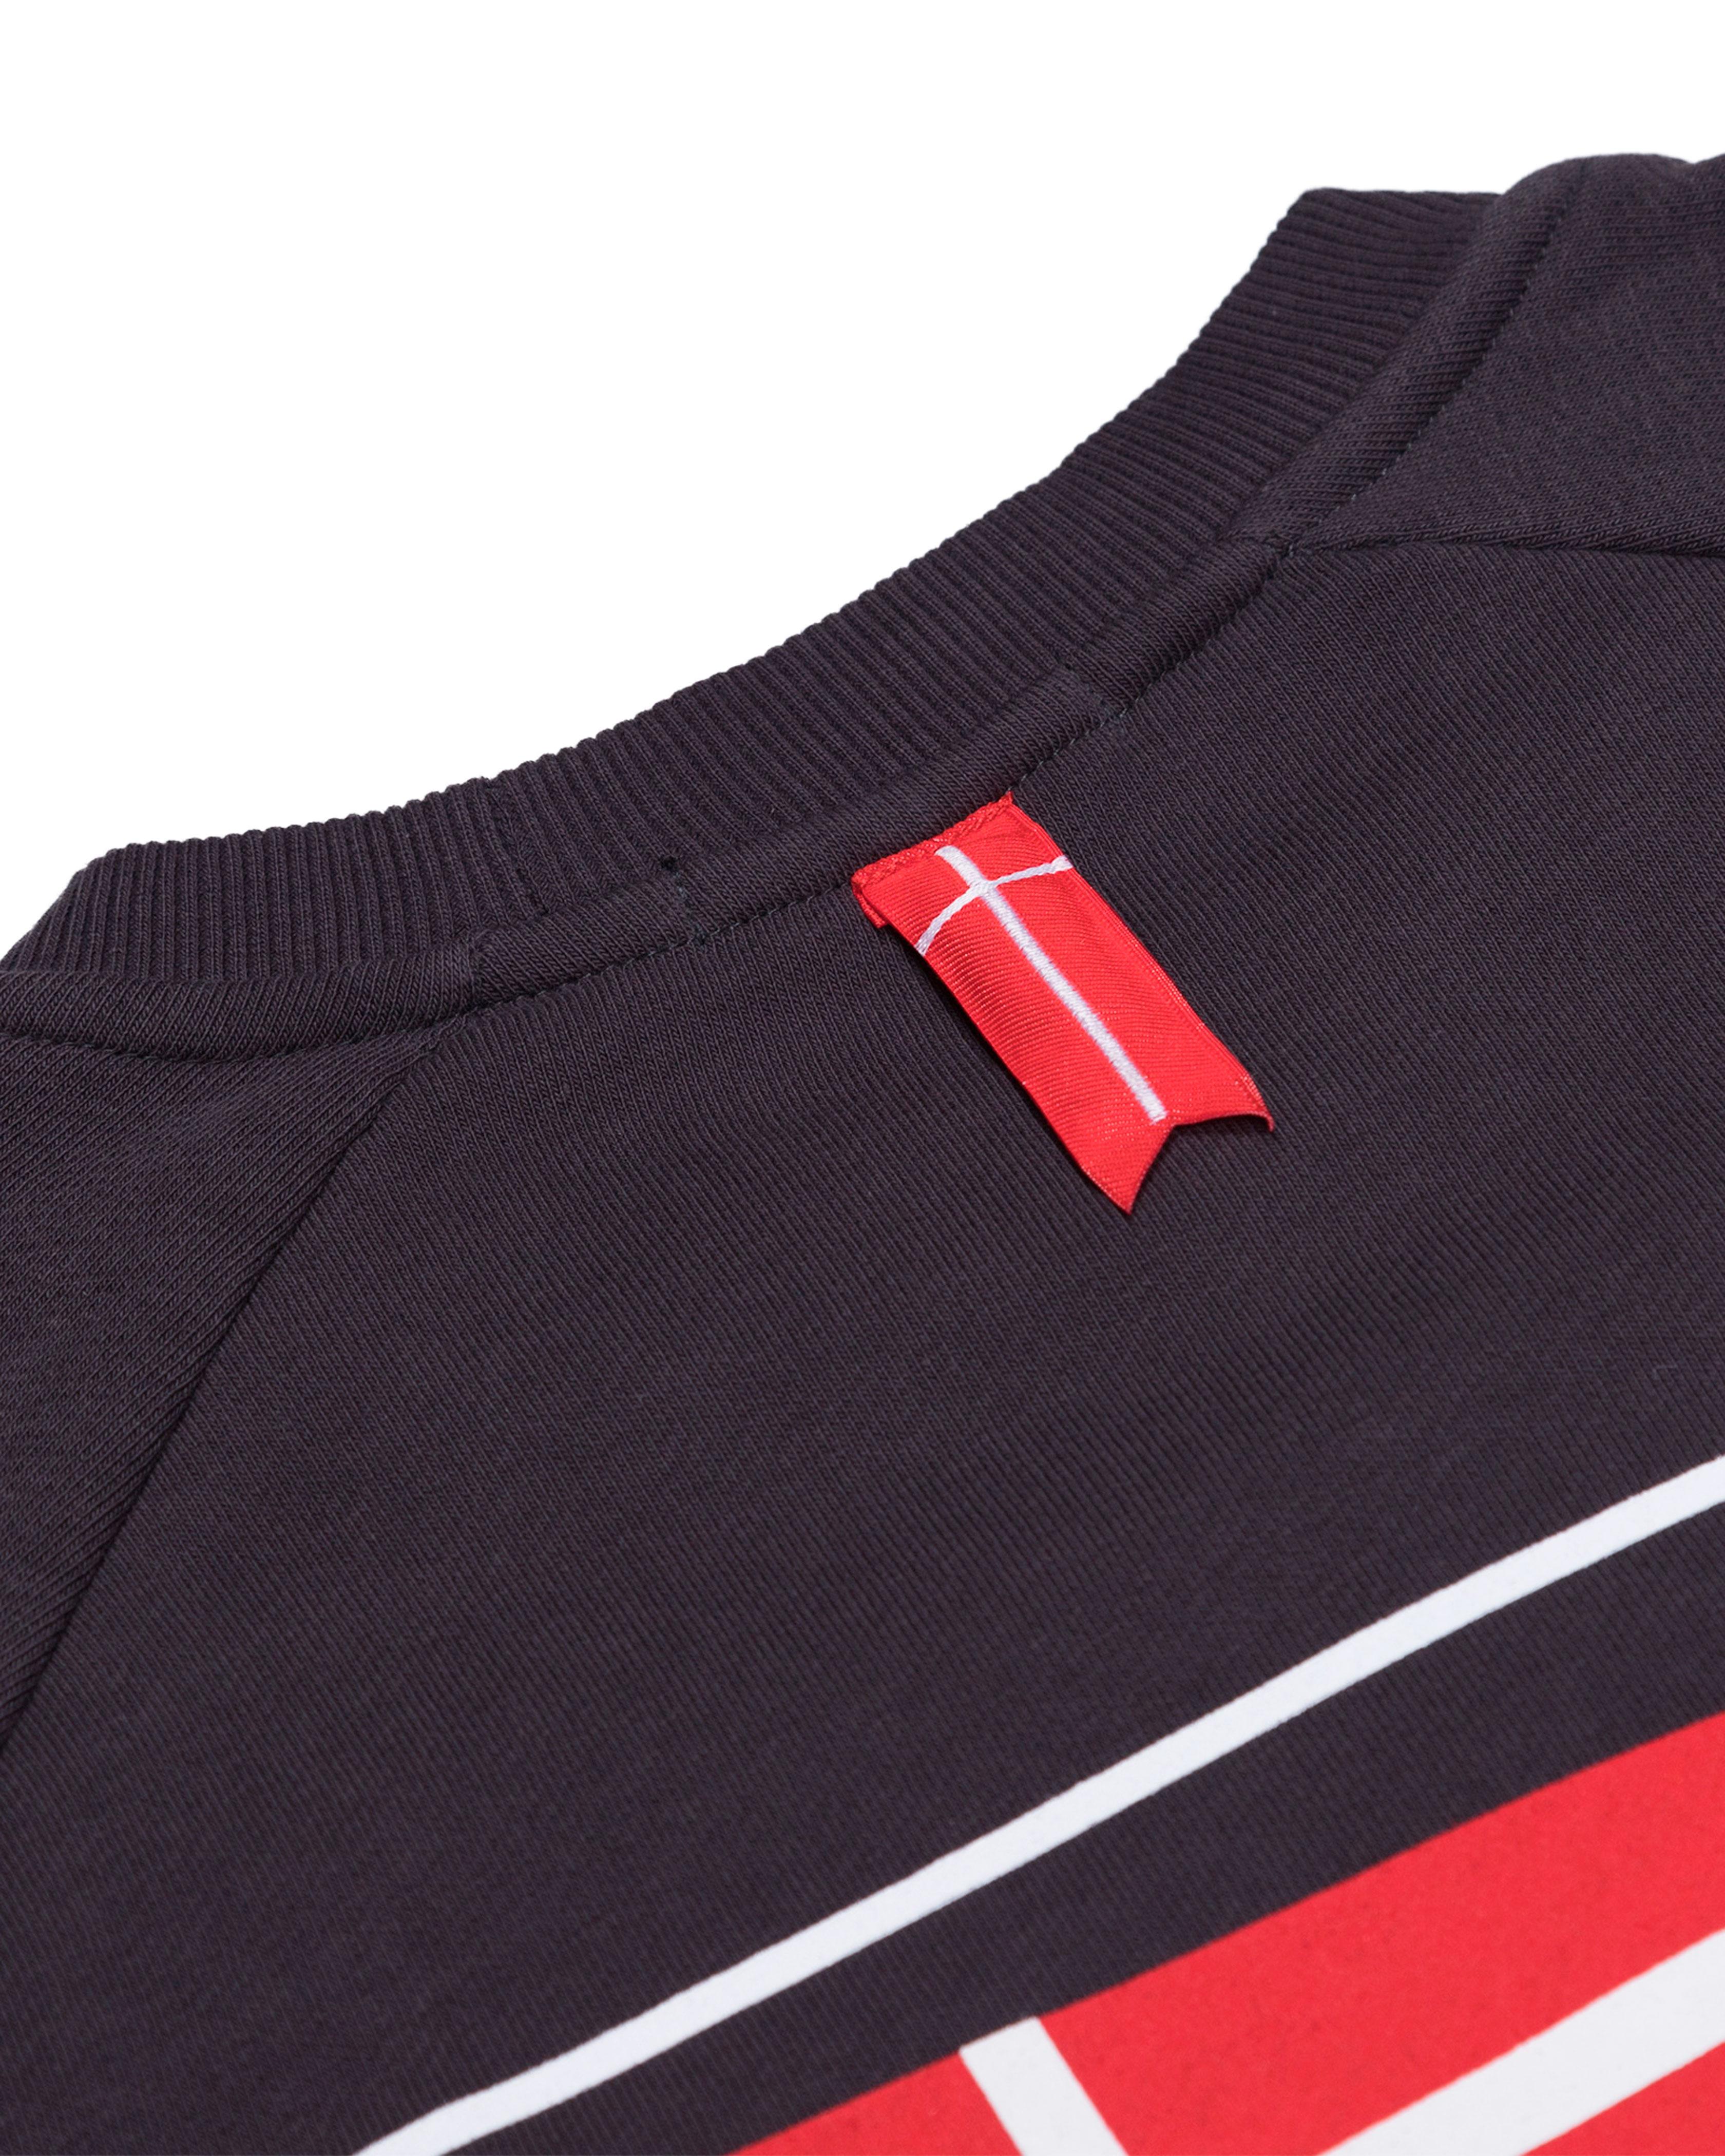 Свитшот Sønner Af-Vinden Lions Graphite/Red Sweatshirt